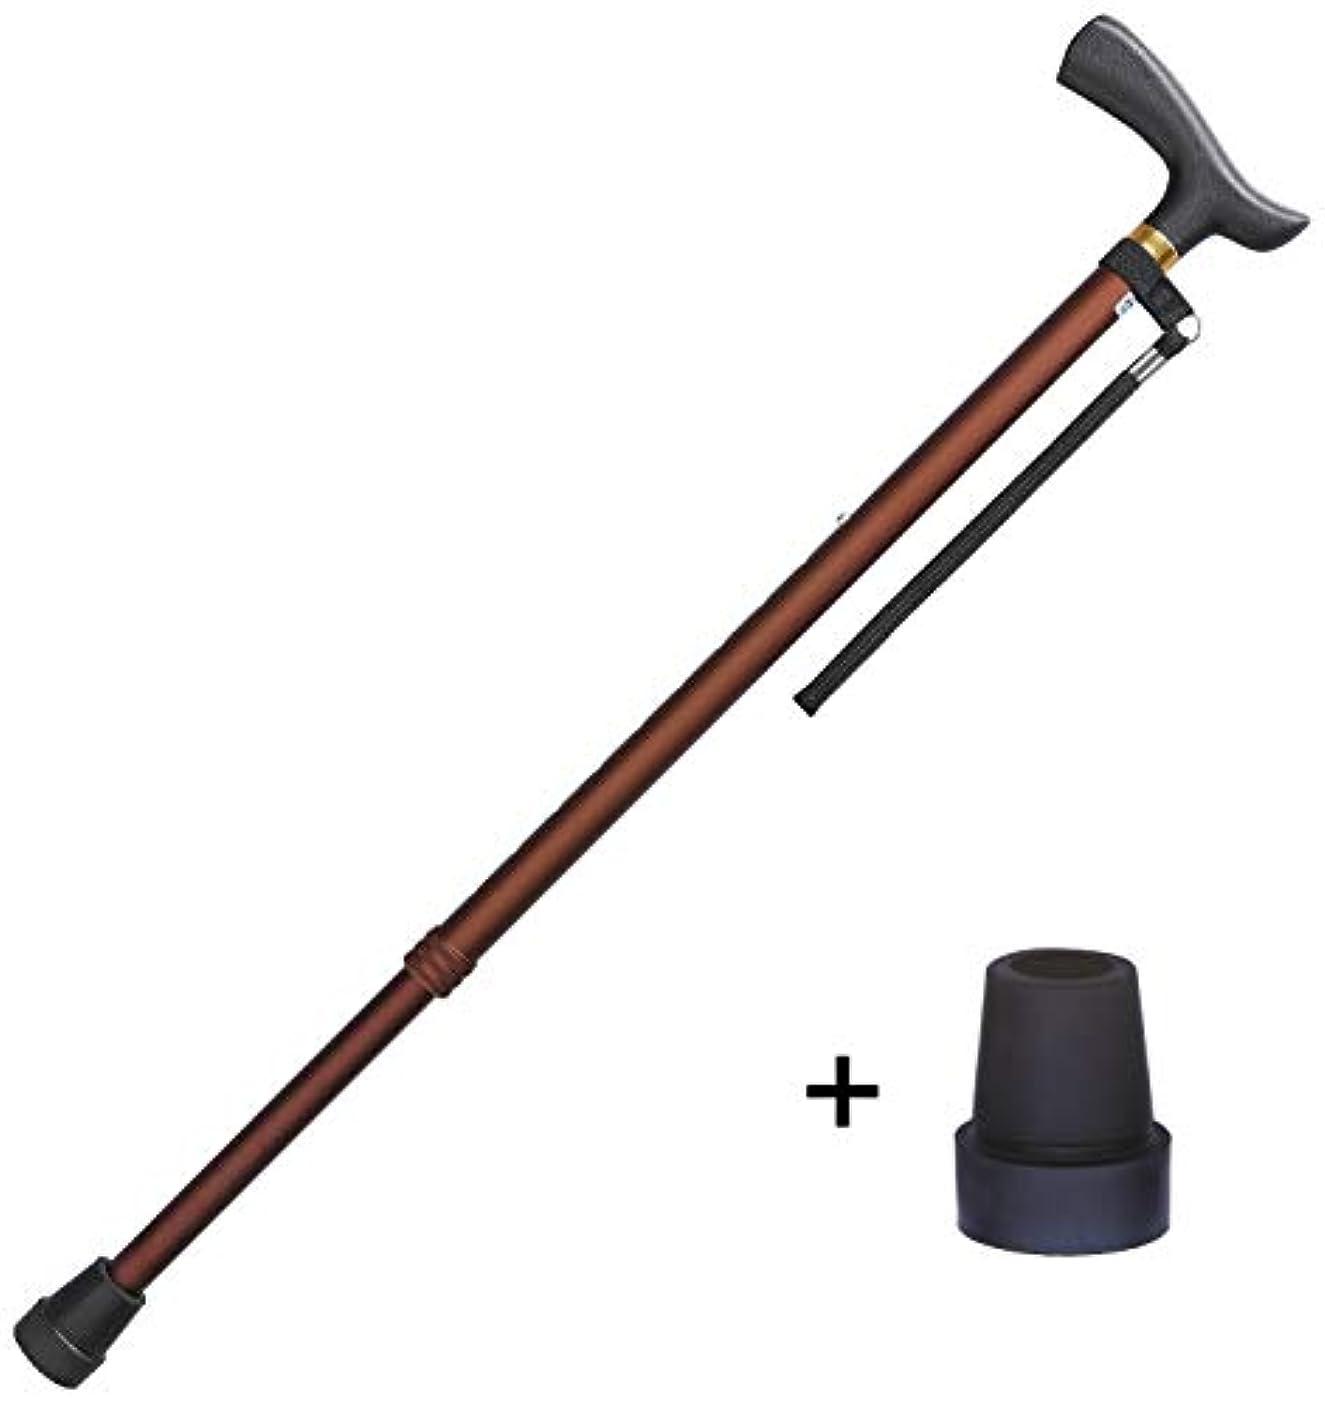 スカウトちなみにヘッドレスフジホーム ステッキ ブラウン 対応身長140~185cm ベーシック 伸縮式ステッキ S?M兼用 杖 (替えゴム付き) WB3901